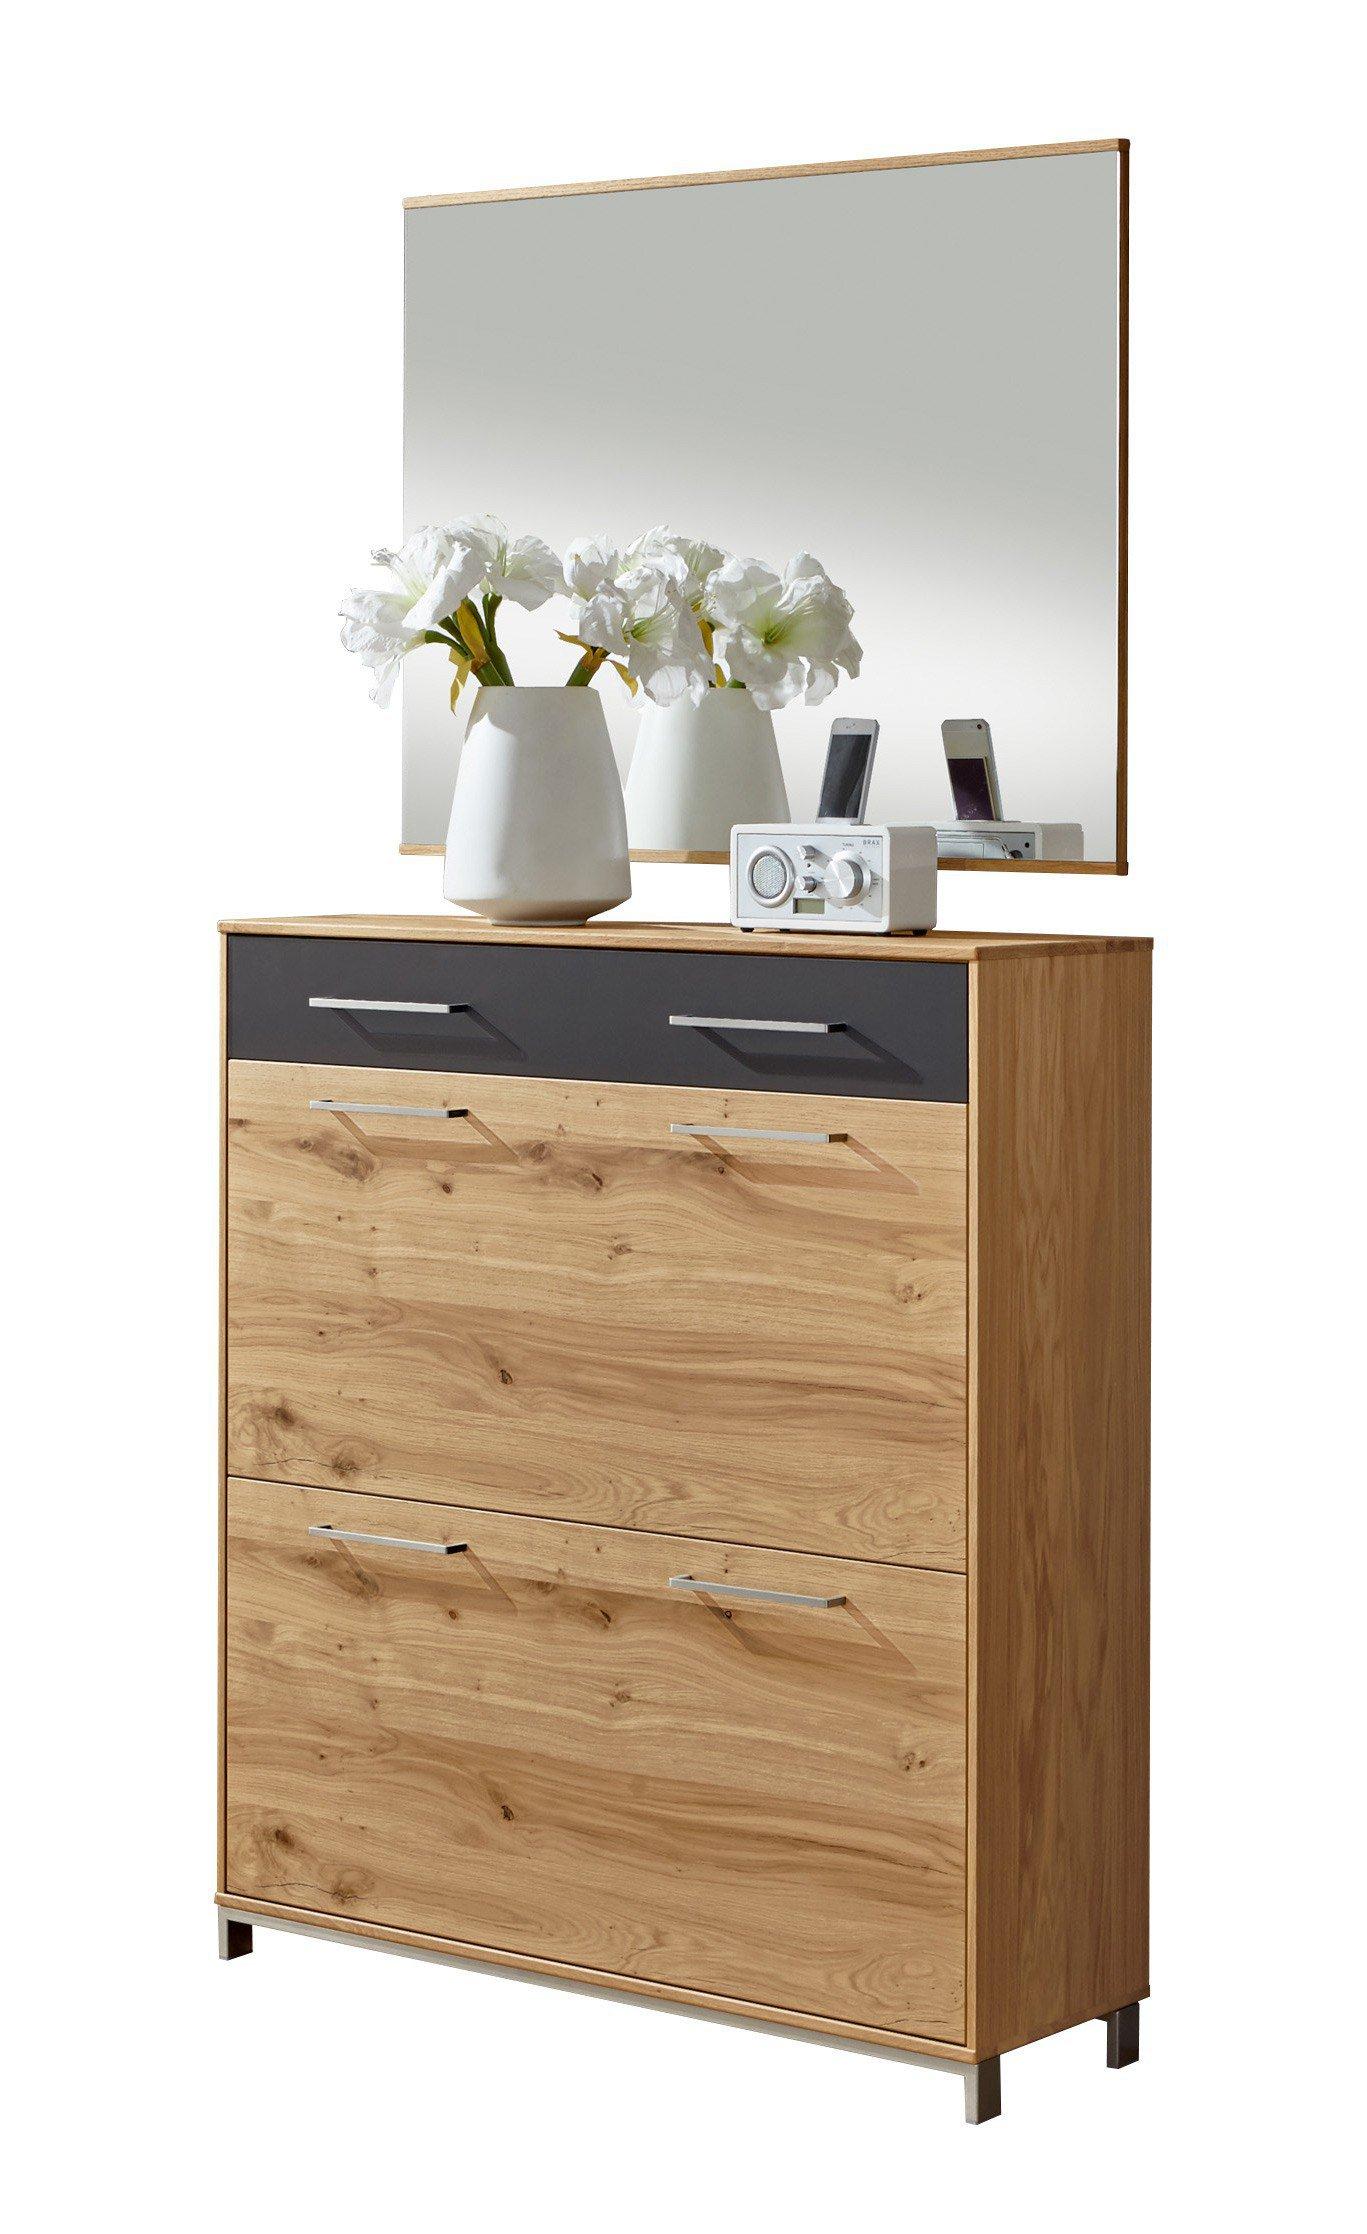 kollektion letz garderobe valerie eiche m bel letz ihr online shop. Black Bedroom Furniture Sets. Home Design Ideas